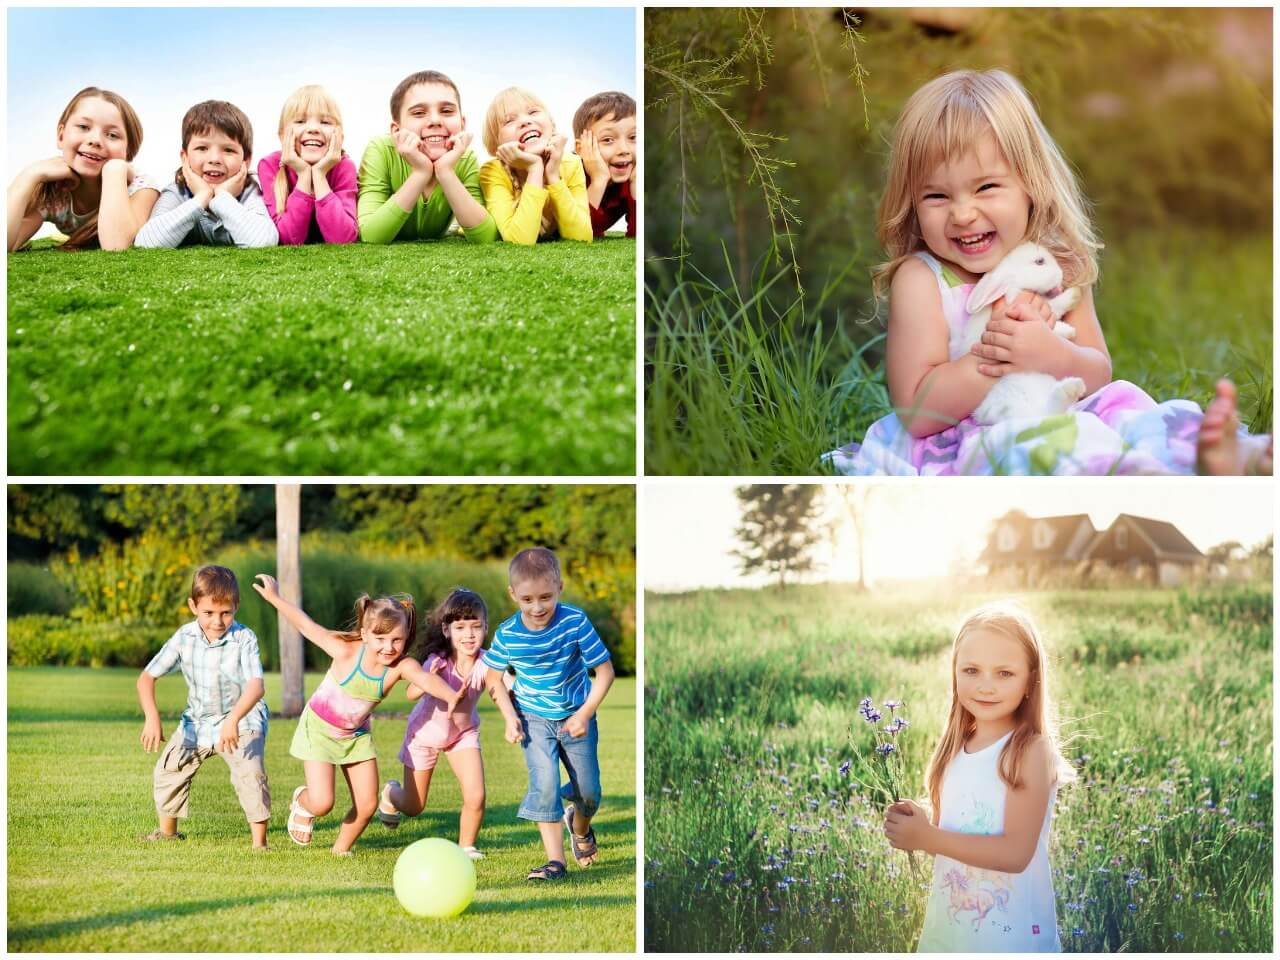 На фото изображены дети (часть 1).